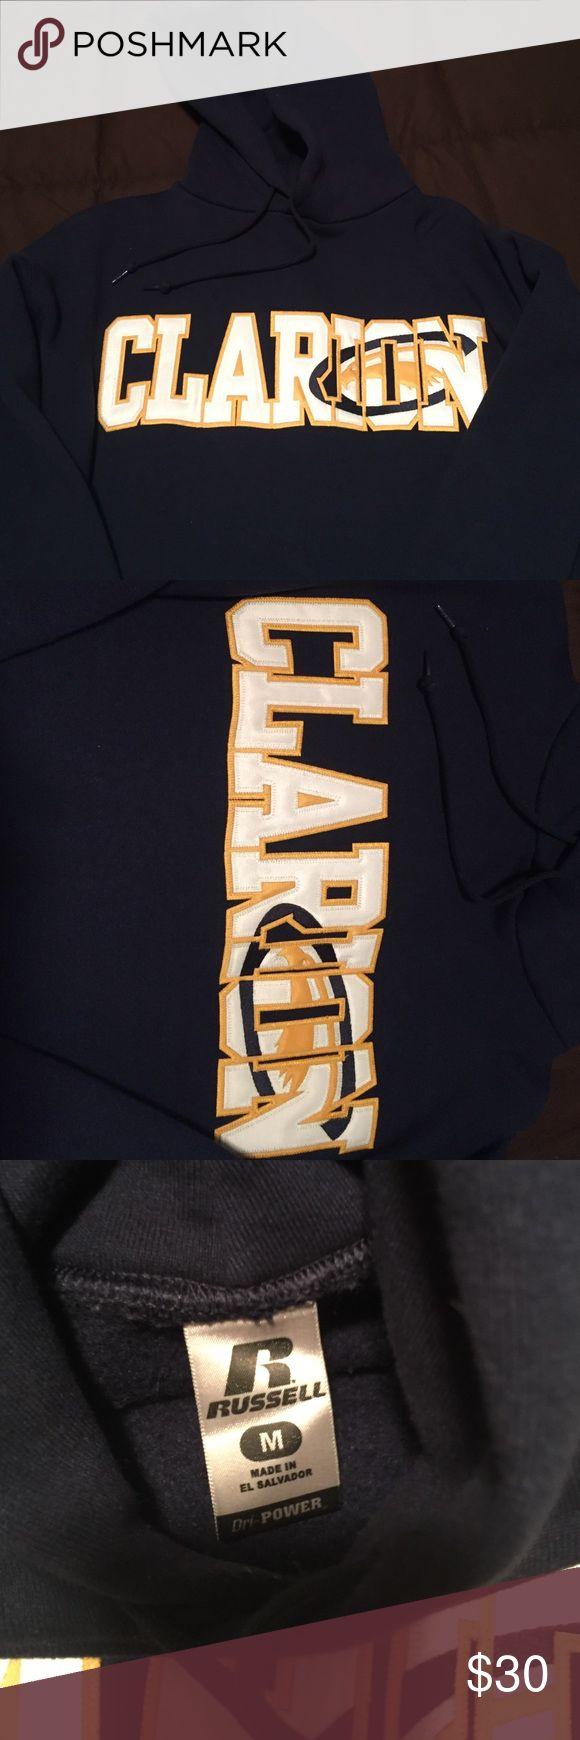 Clarion university hoodie sweatshirt Clarion university hoodie sweatshirt. Navy Blue. Medium. Like New! Tops Sweatshirts & Hoodies